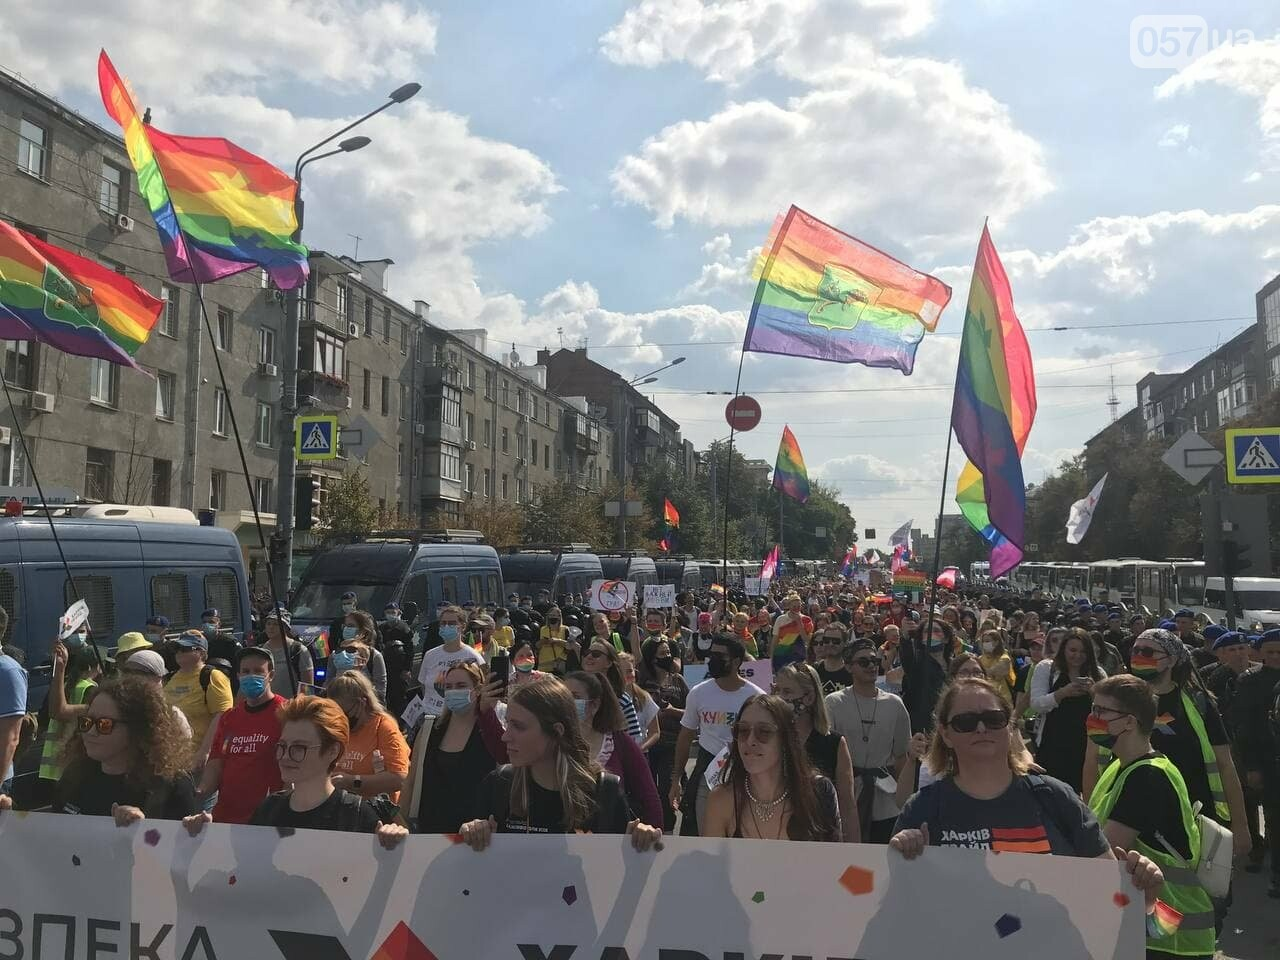 «Нет важней любви». Как в центре Харькова прошел ЛГБТ-марш, - ФОТОРЕПОРТАЖ, фото-3